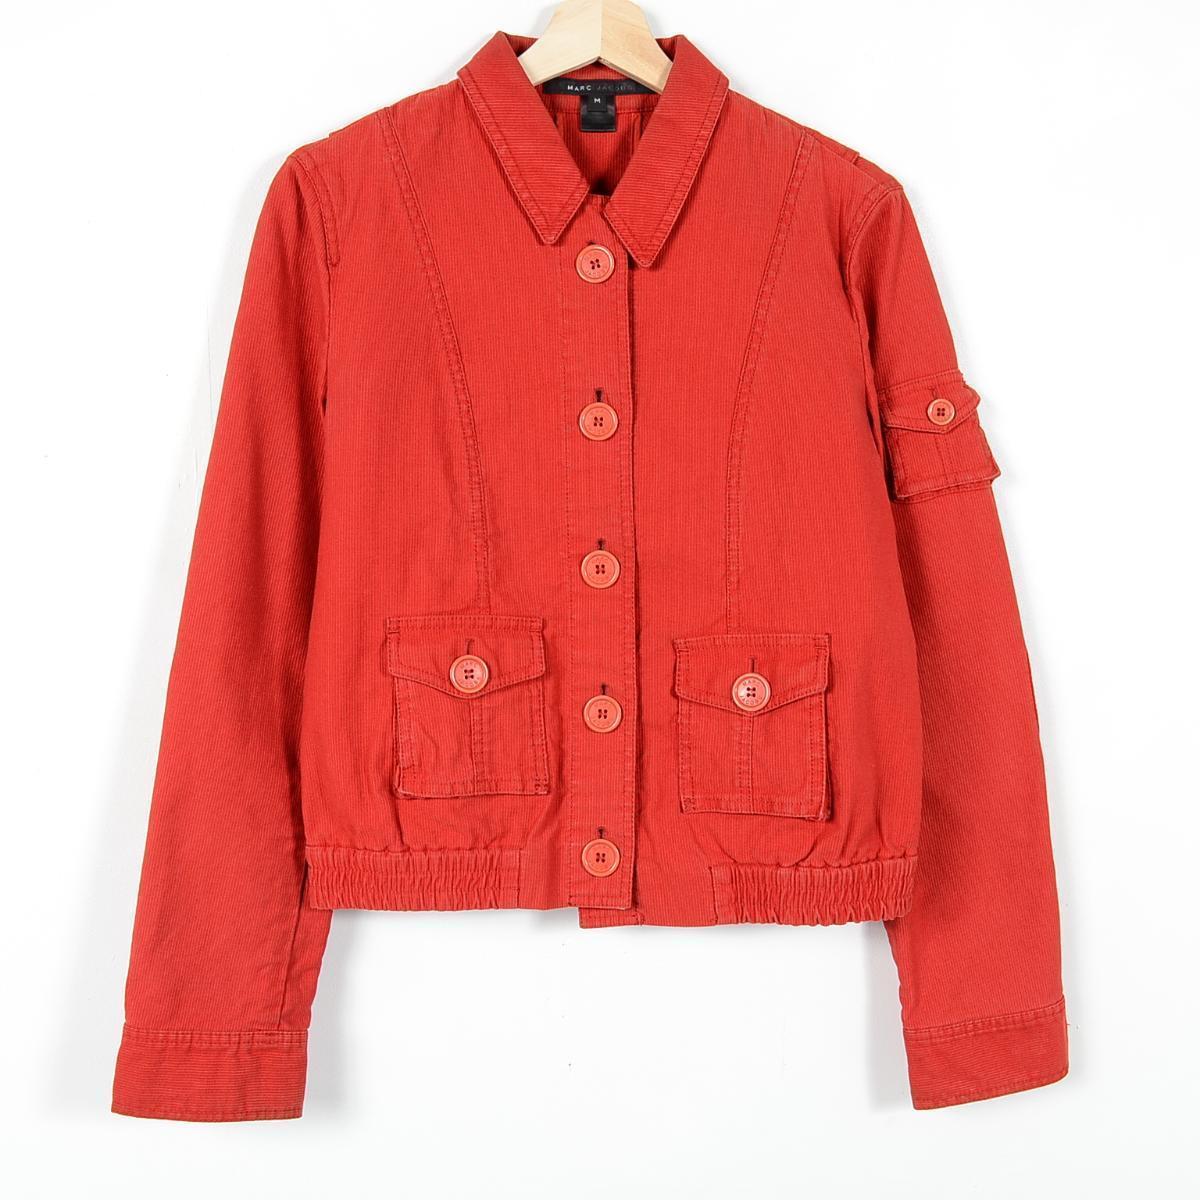 Vintage Clothing Jam Cotton Jacket Lady S L Marc Jacobs Wez0825